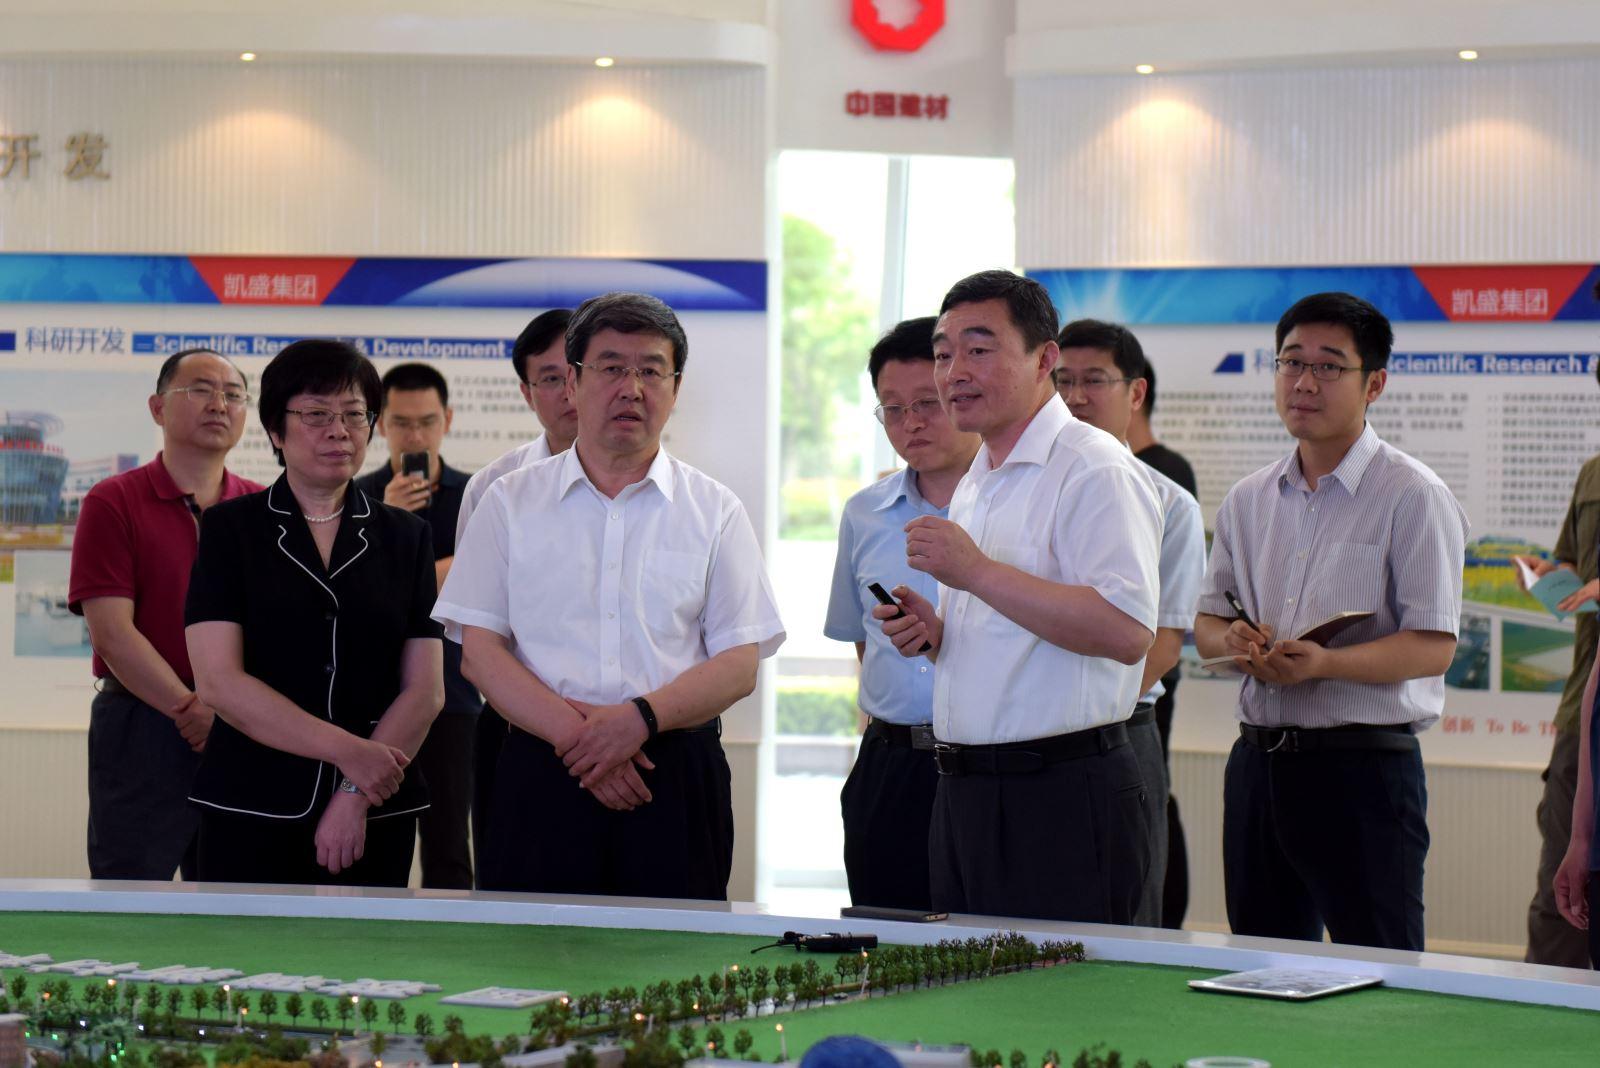 中国建材集团名列2018年中国企业 500强第57名 制造业企业排名第2...